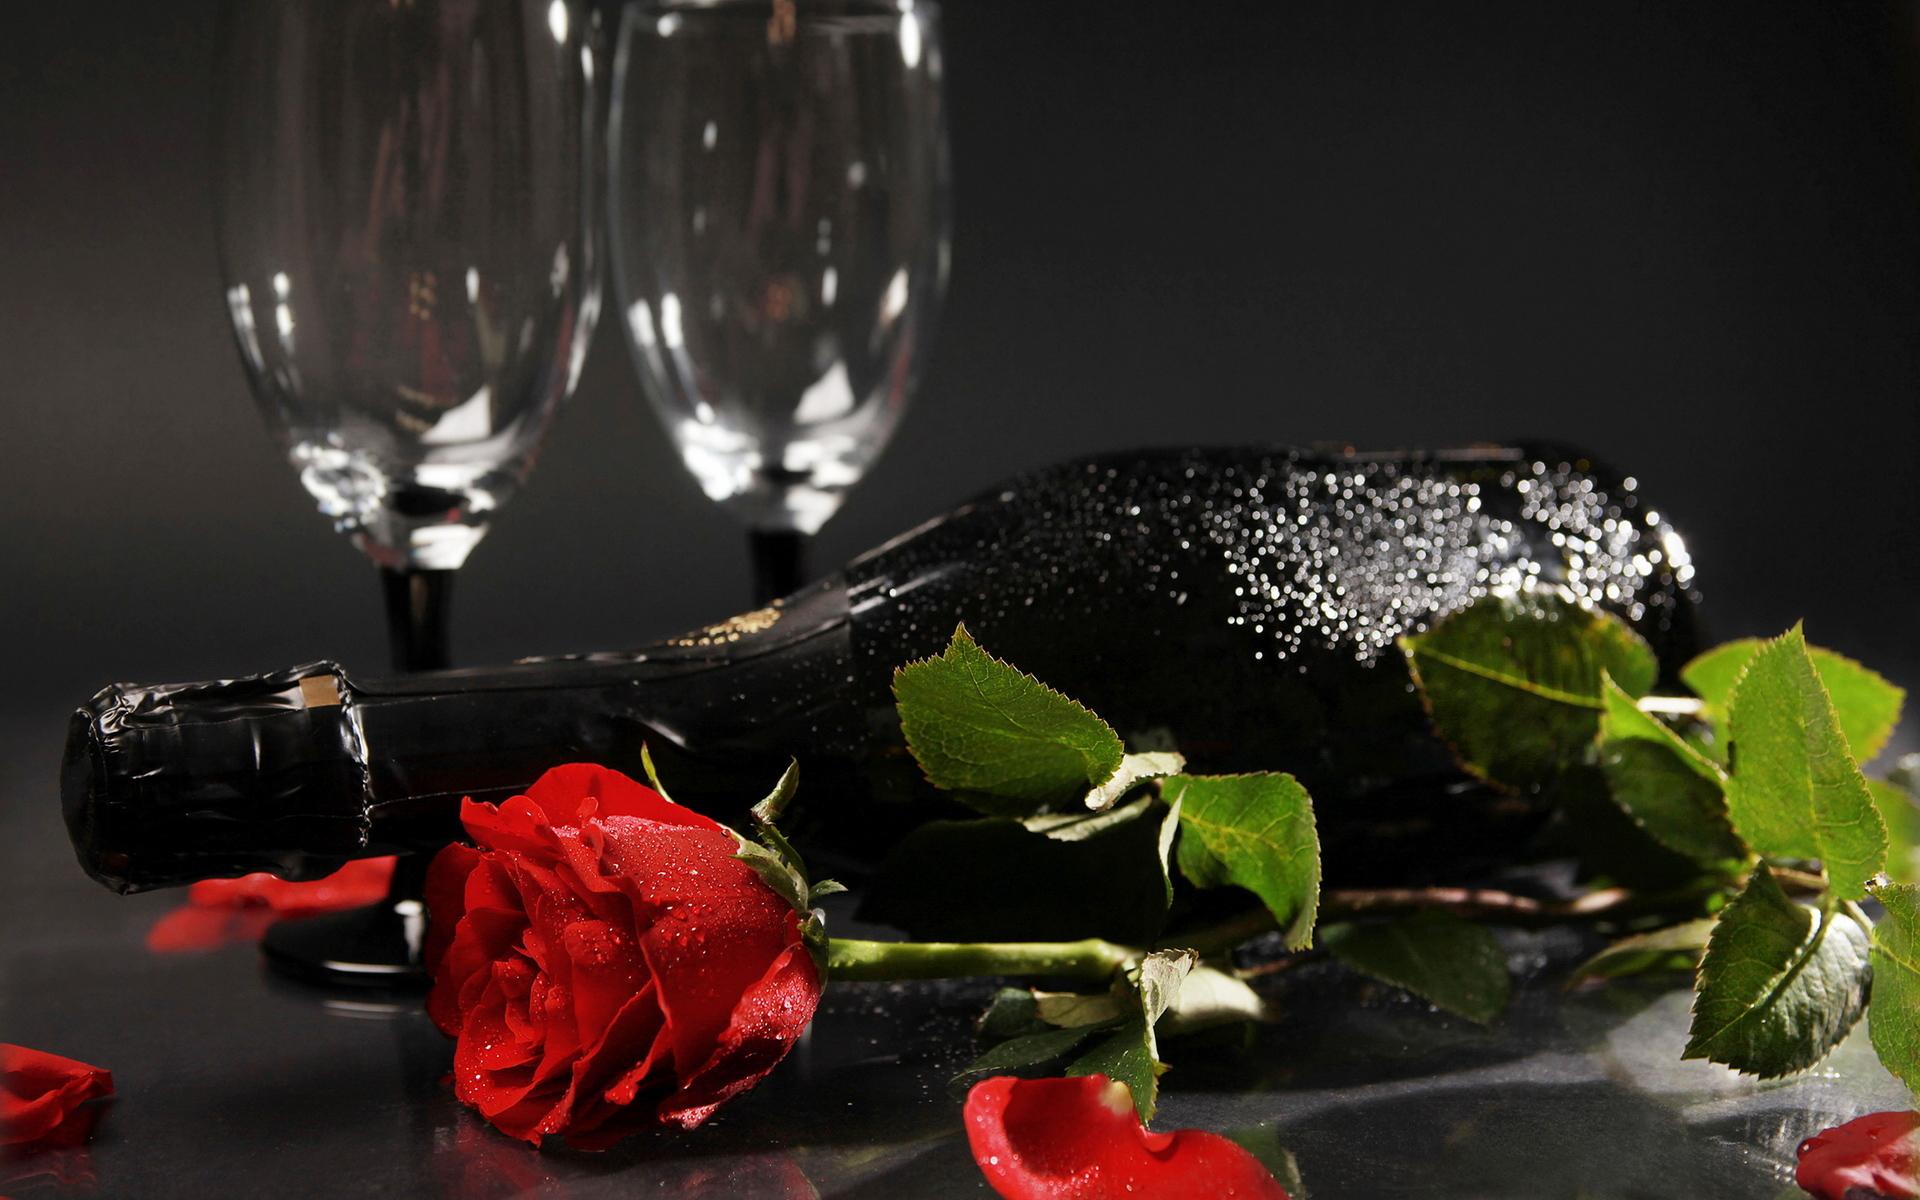 пальто это картинки бокал вина и роза клубы анапе